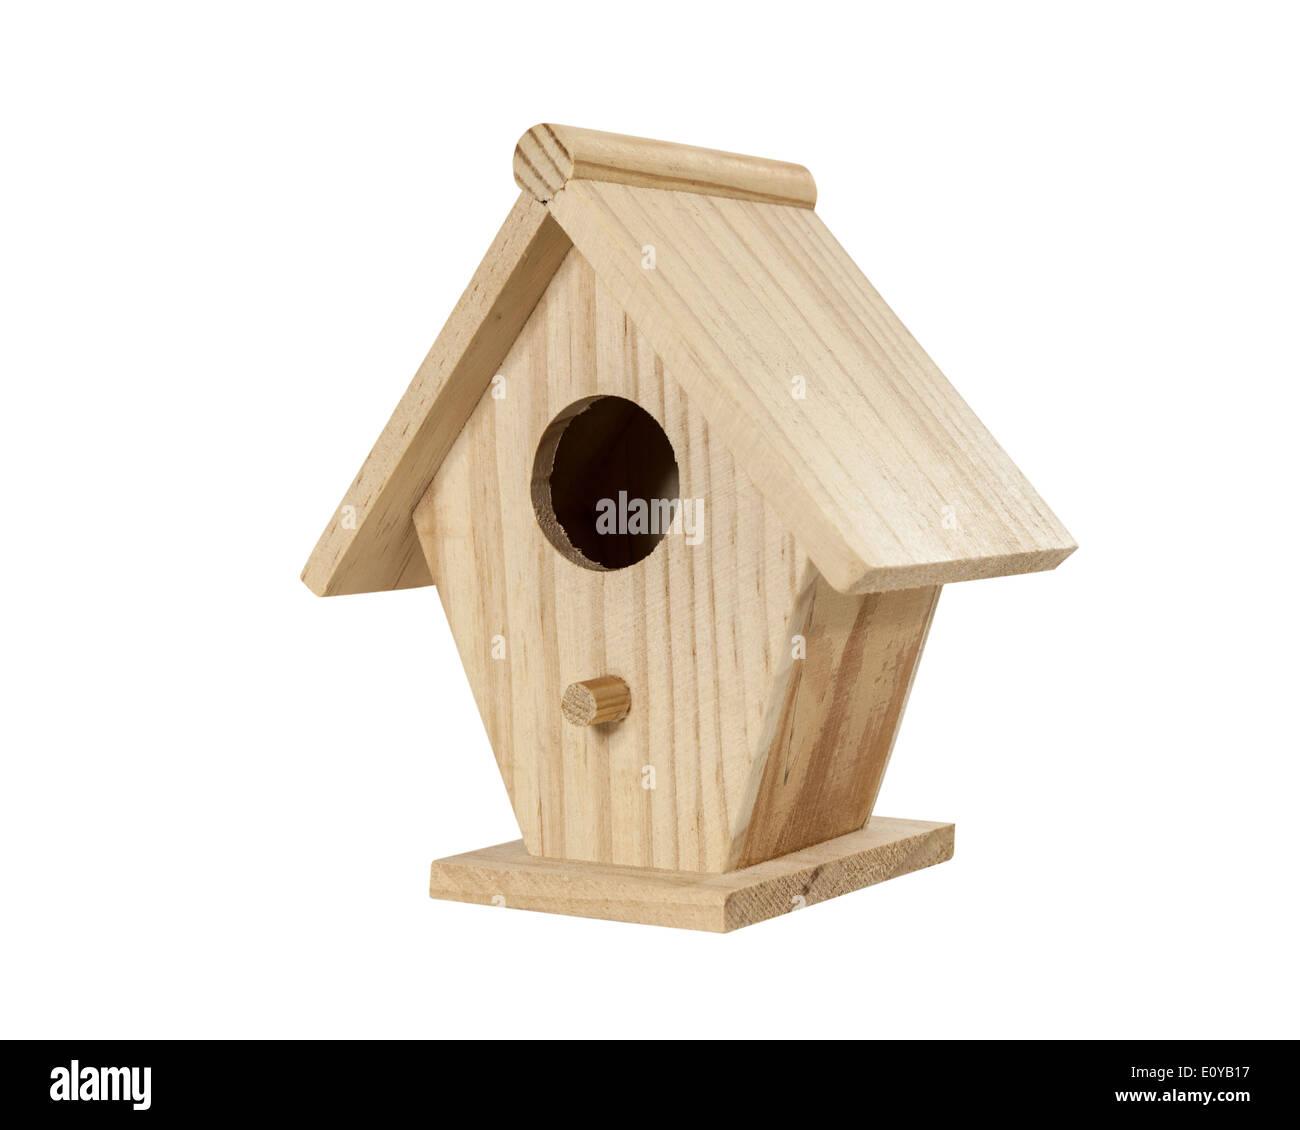 Little wood birdhouse isolated on white. - Stock Image